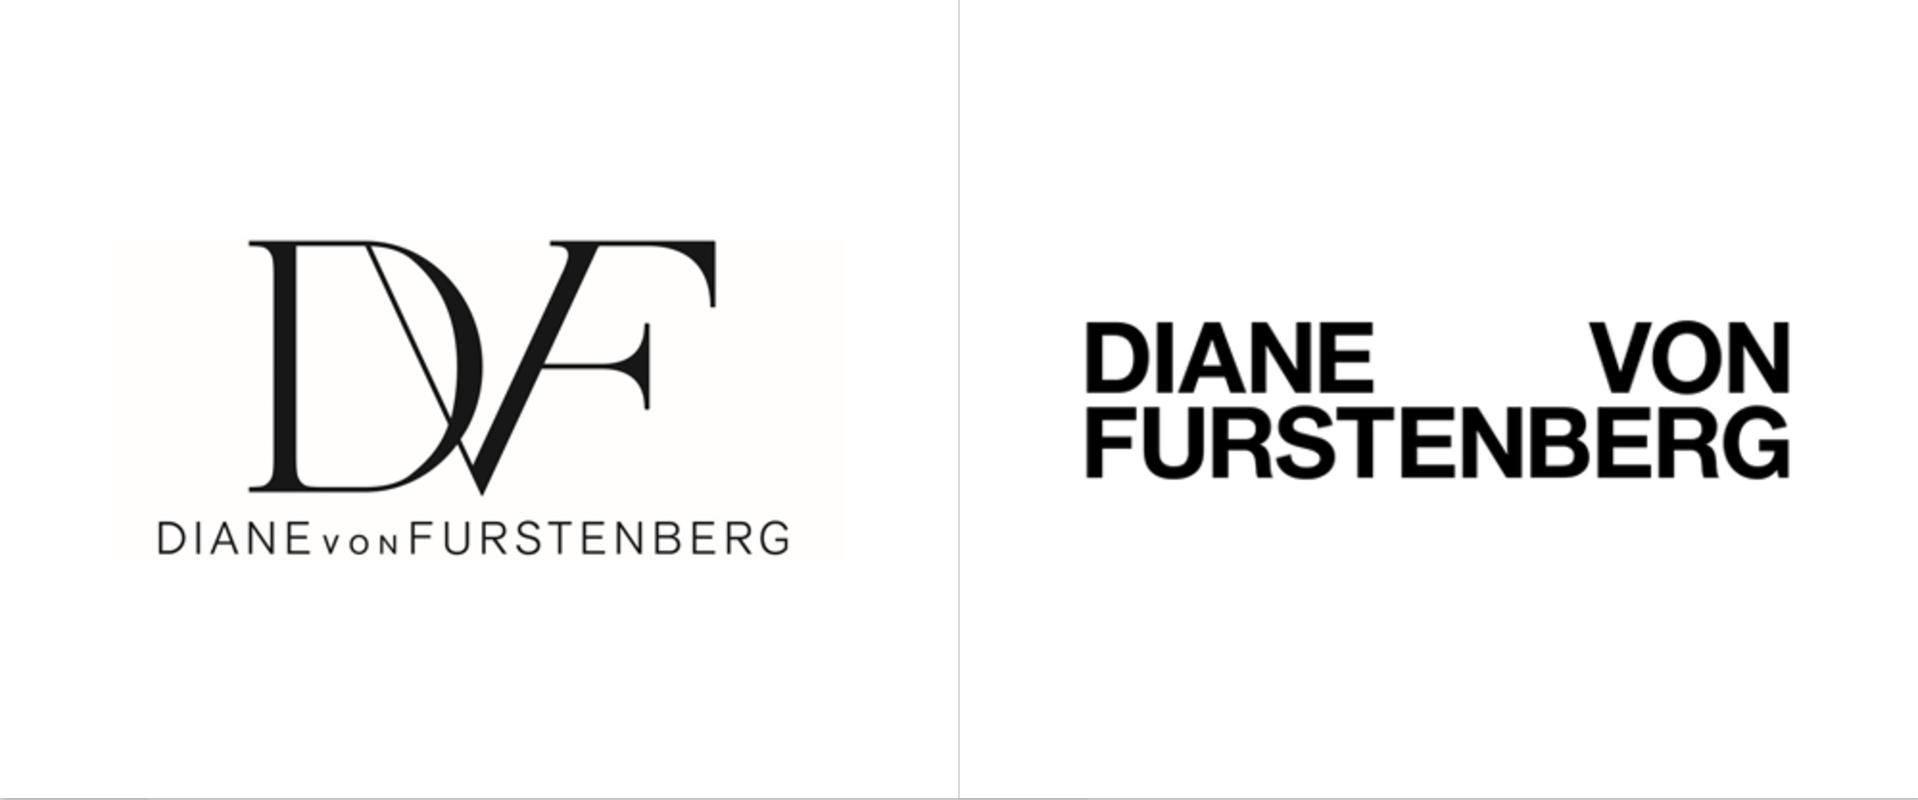 Diane von Furstenberg: Old vs. New Logo. Photo courtesy: Jonny Lu Studio